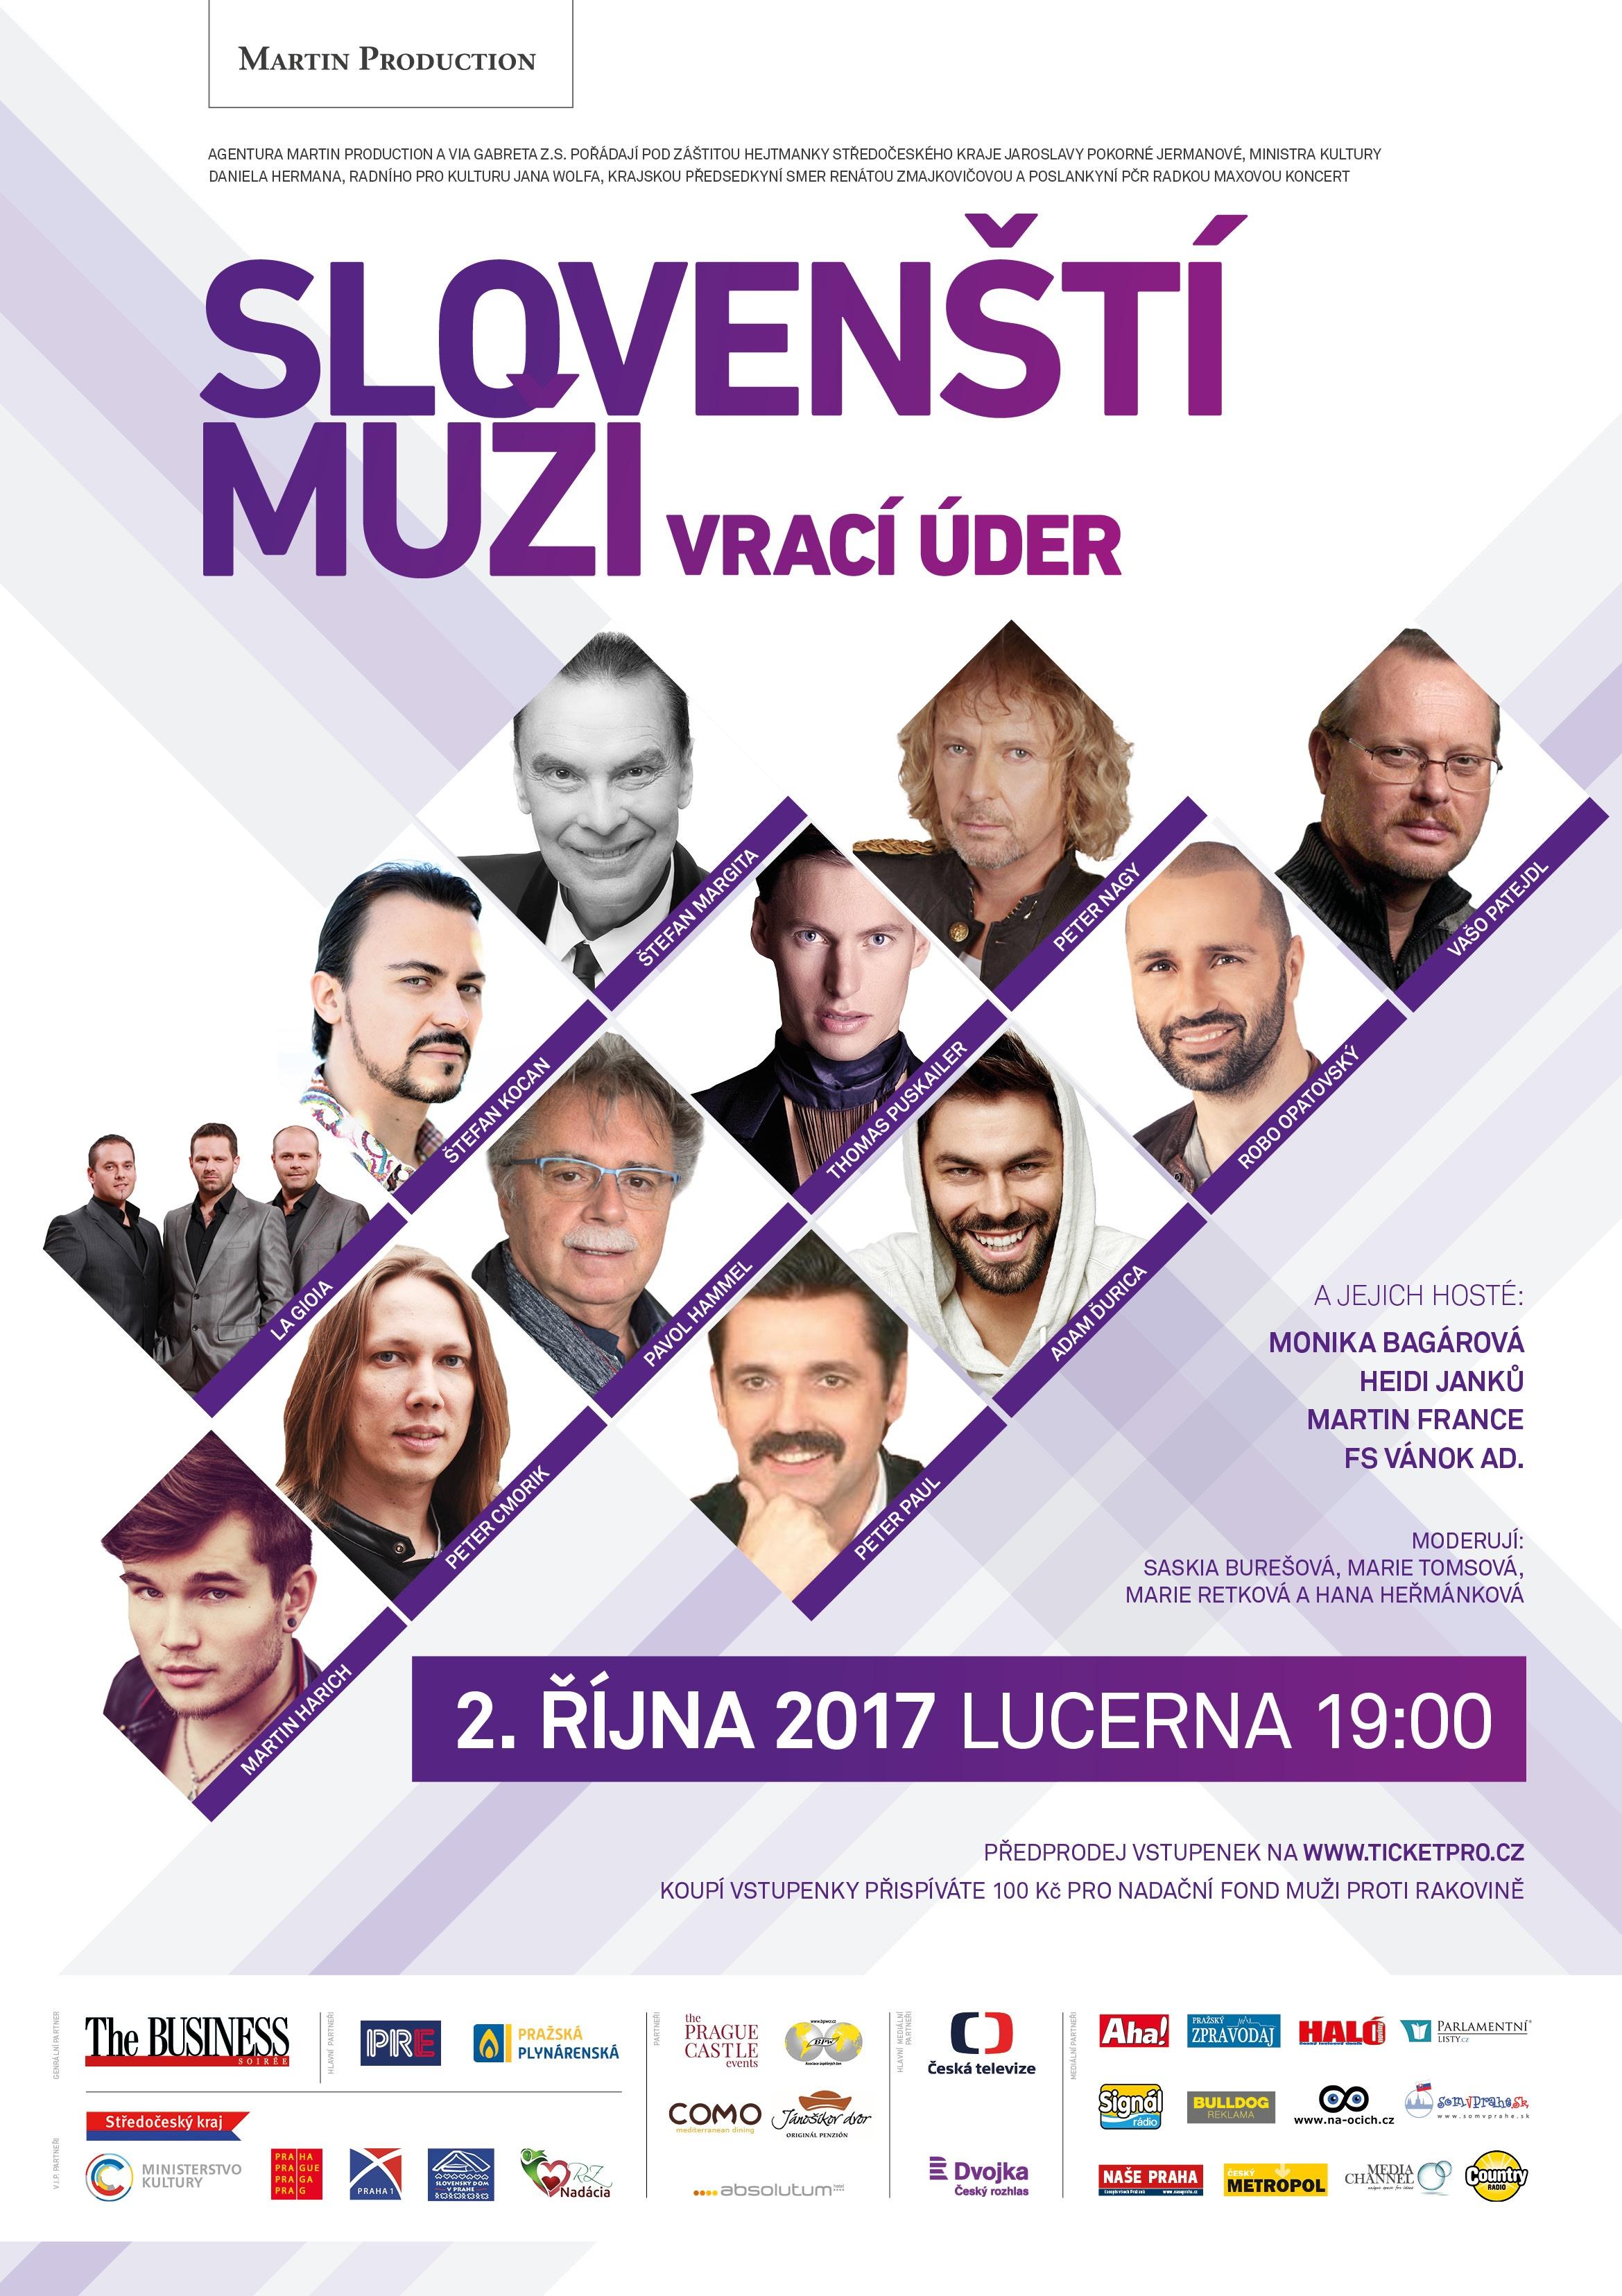 tiskoviny-plakat-a-1-1-verze-slovensti-muzi-a1-nahled